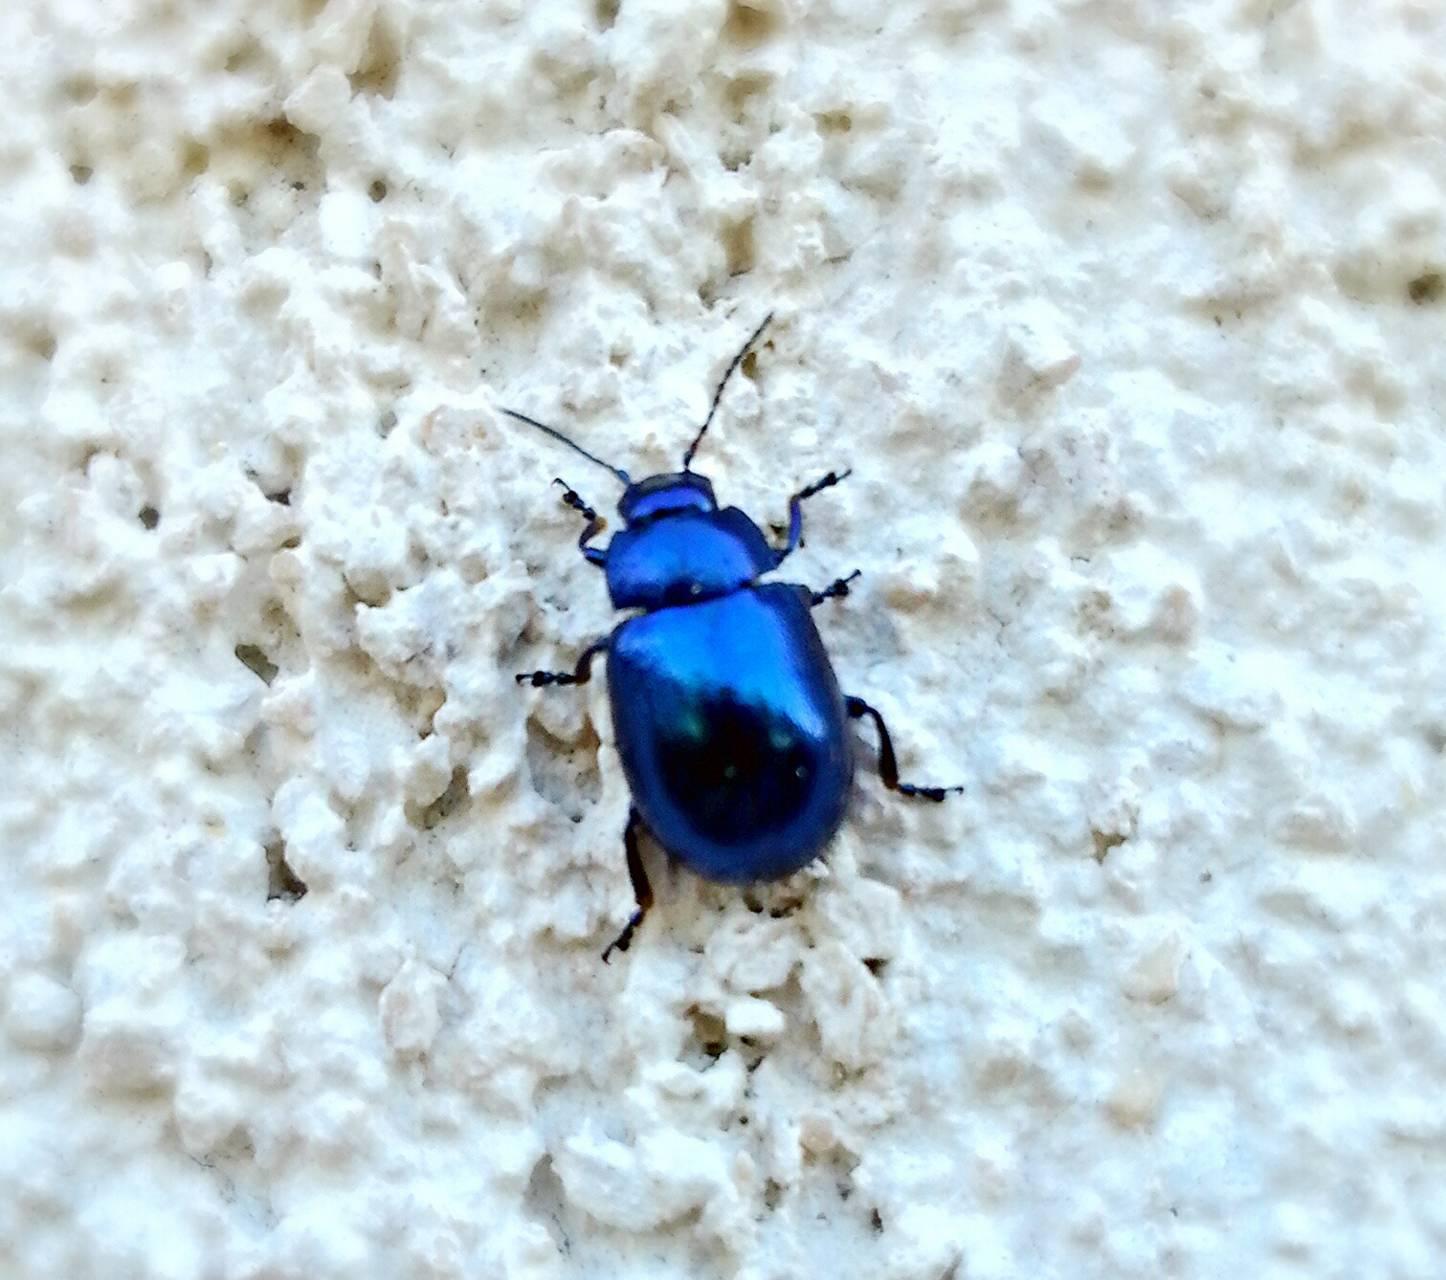 картинка синего жука популярных фильмов